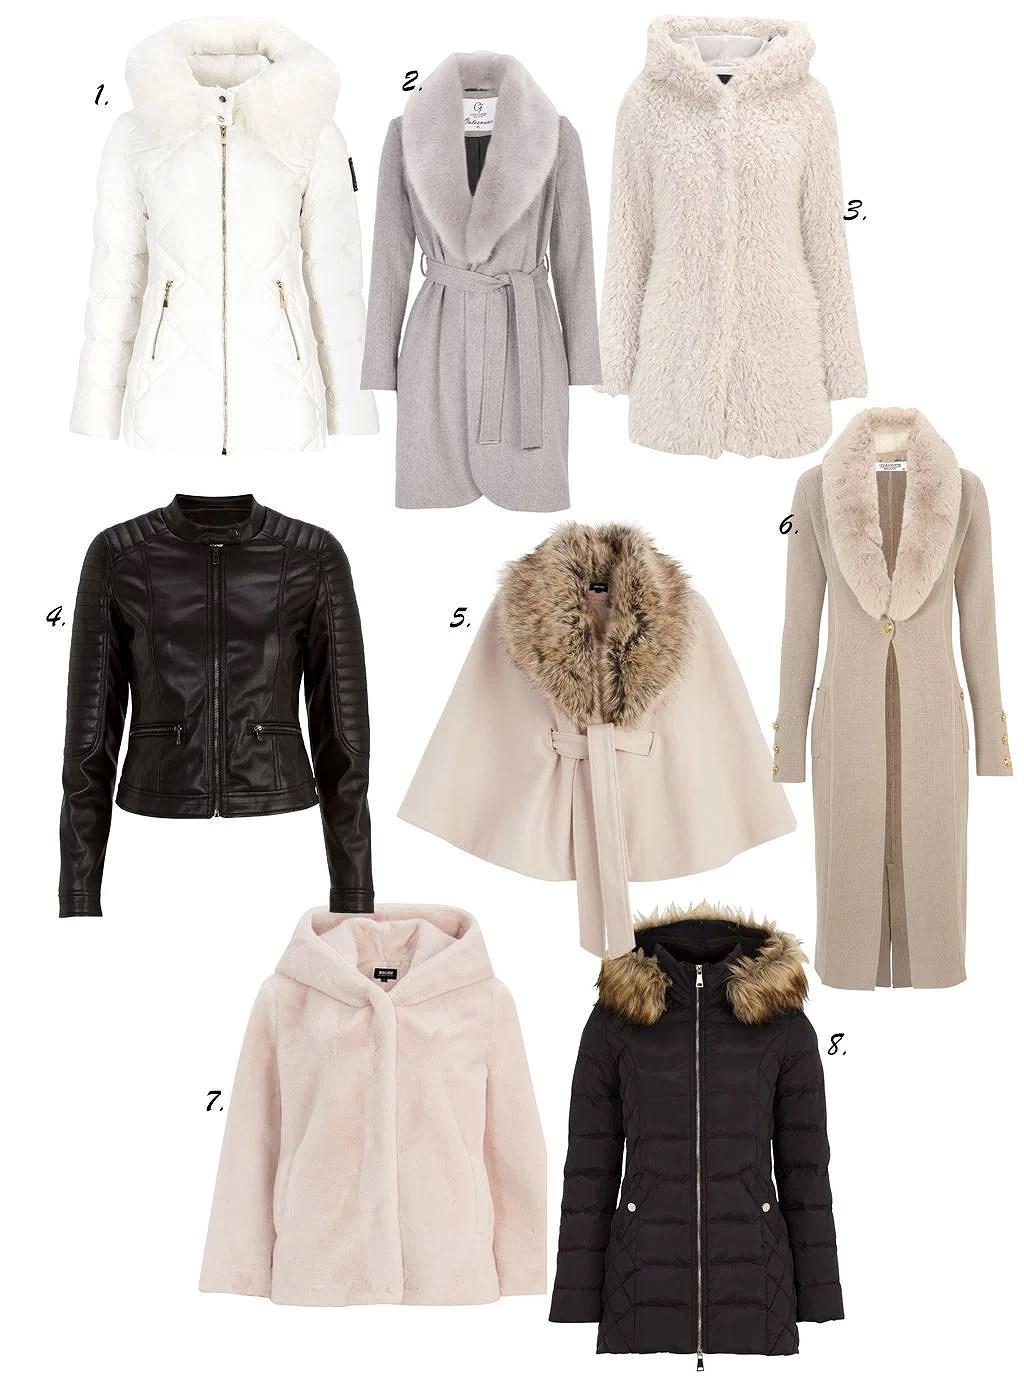 Jackor och kappor